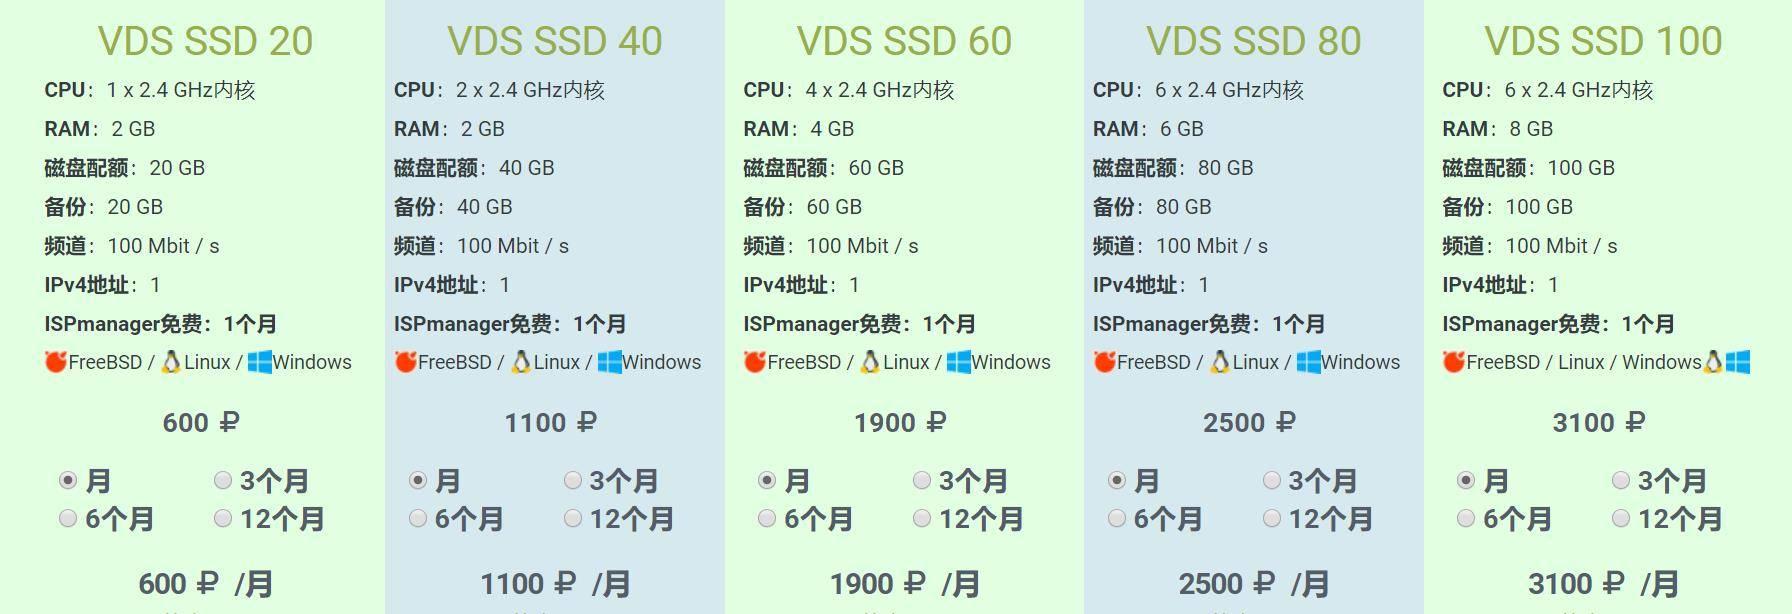 羊毛党之家 真是渣渣-webhost1:$9.6/月/2GB内存/20GB SSD空间/不限流量/100Mbps/DDOS/KVM/俄罗斯 https://www.wutianxian.com